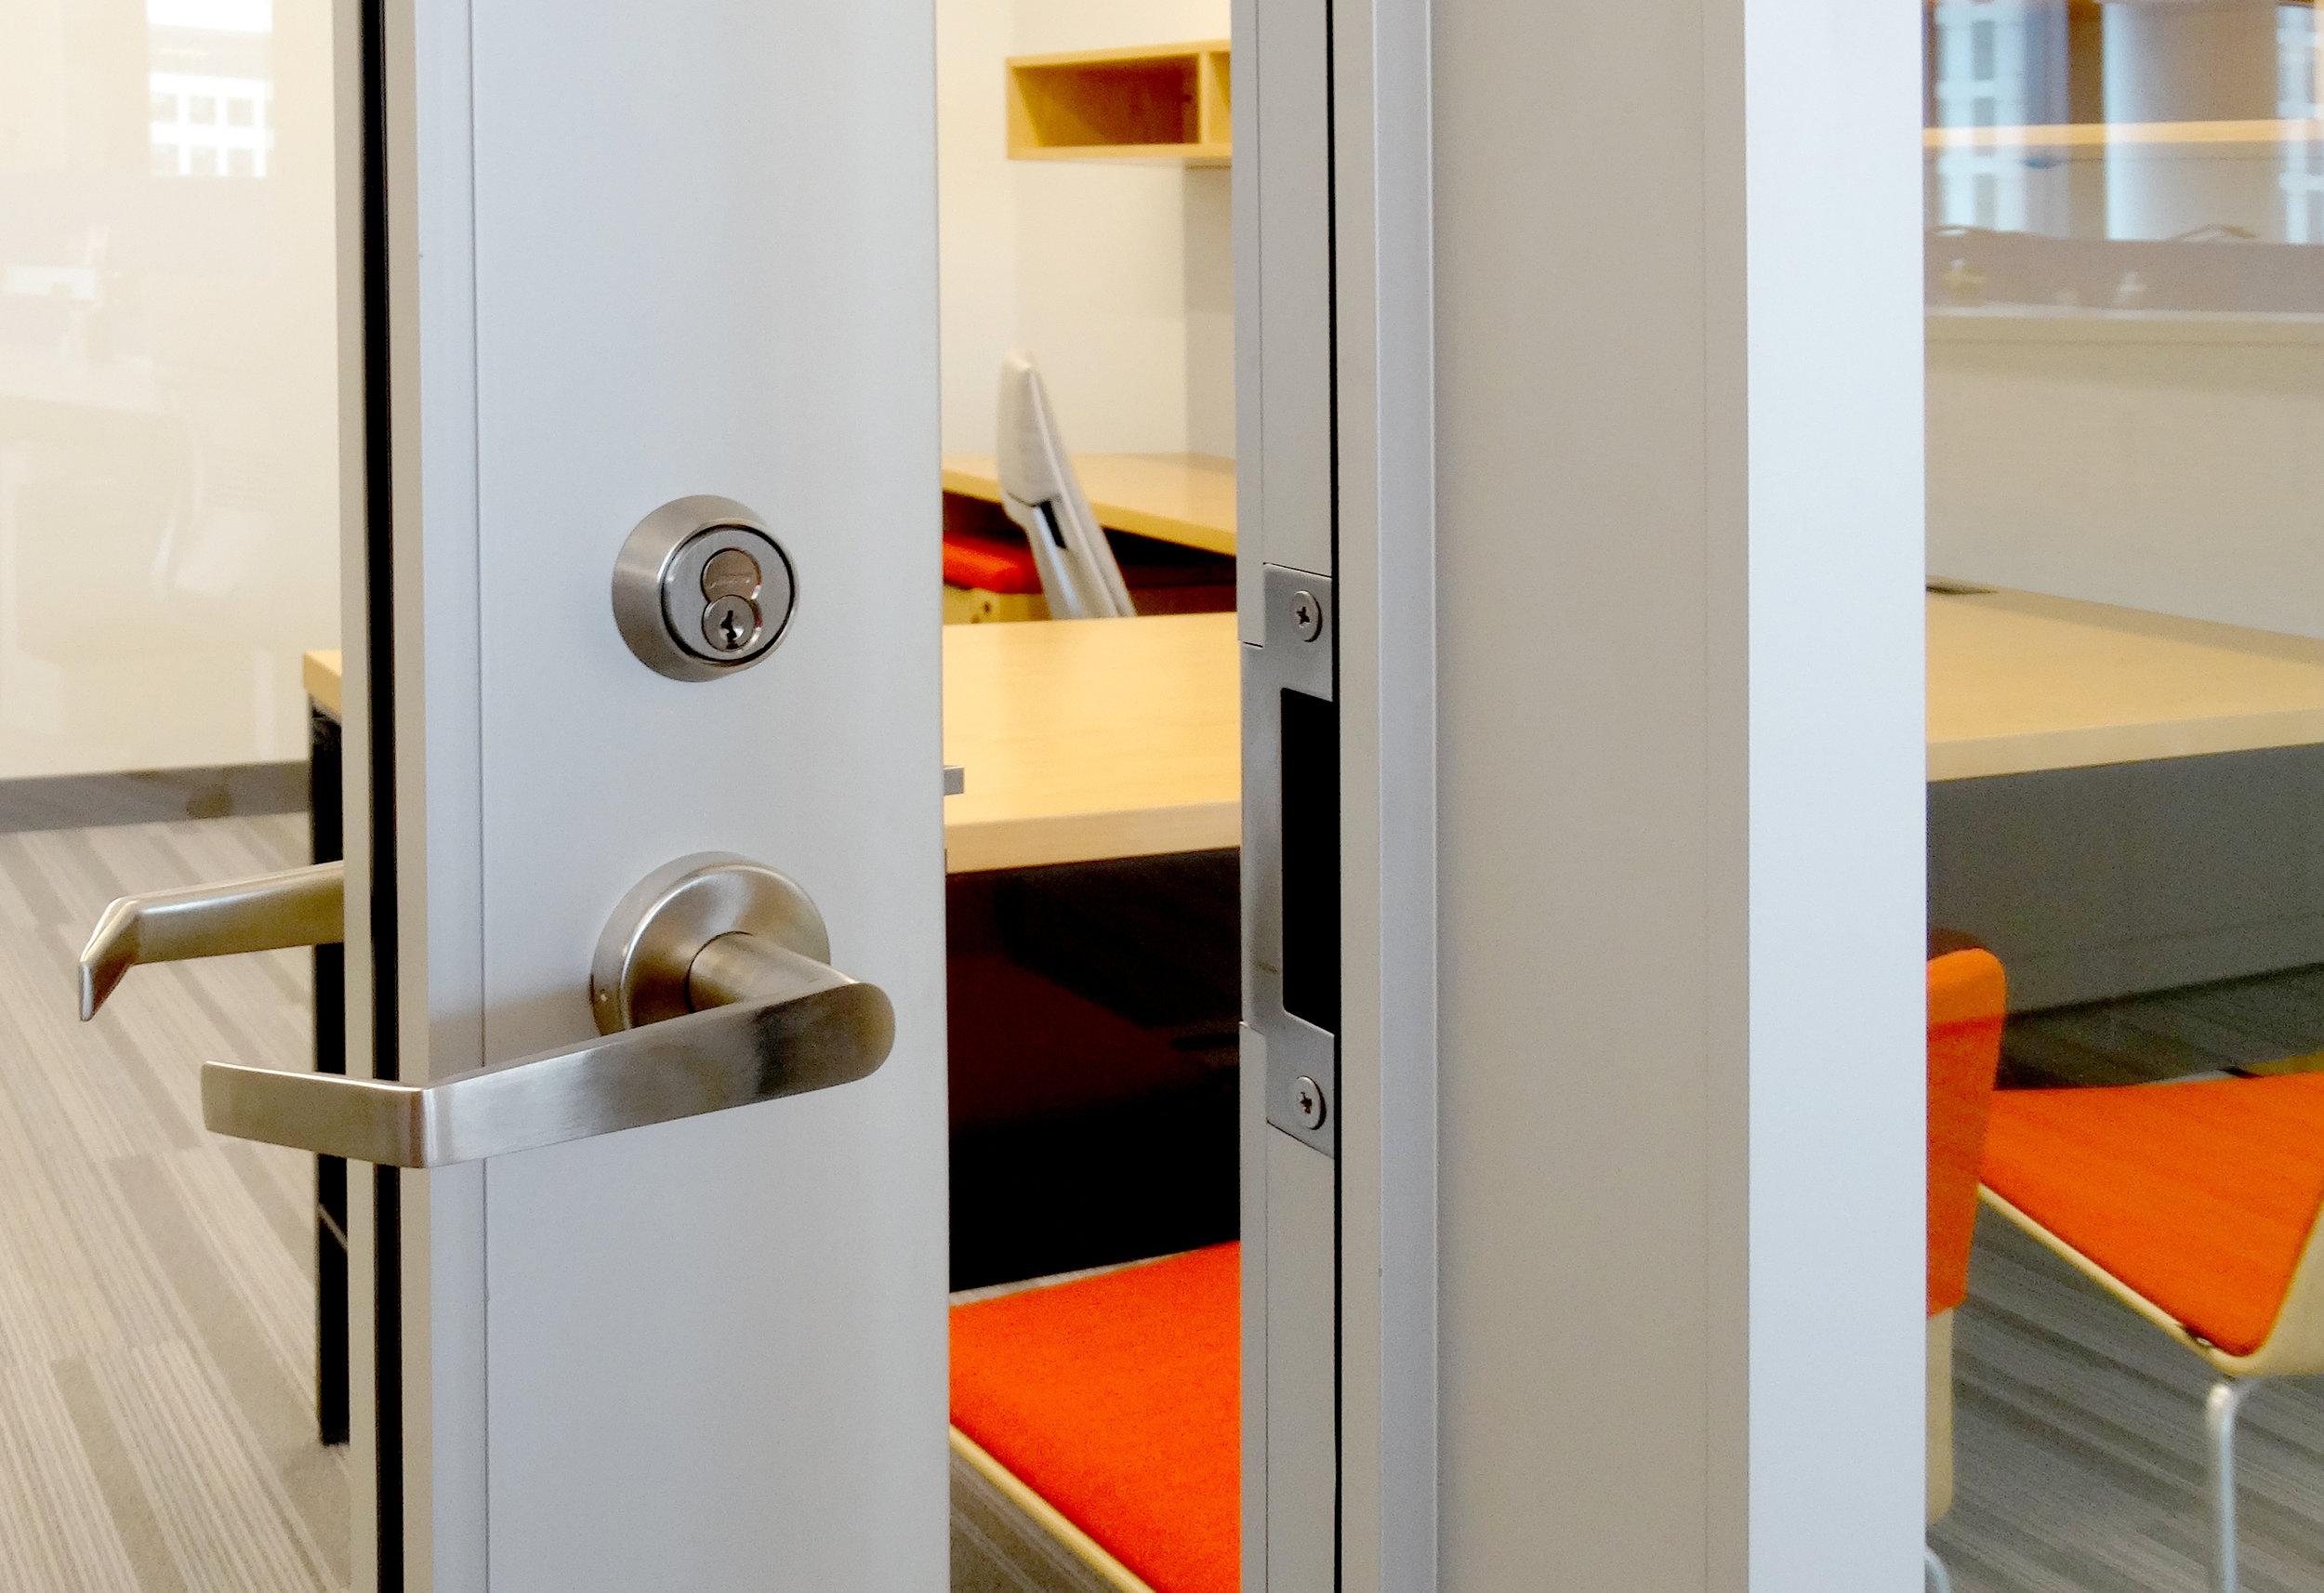 Encase Aluminum Framed Glass Door Lockset Detail - Spaceworks AI.jpg